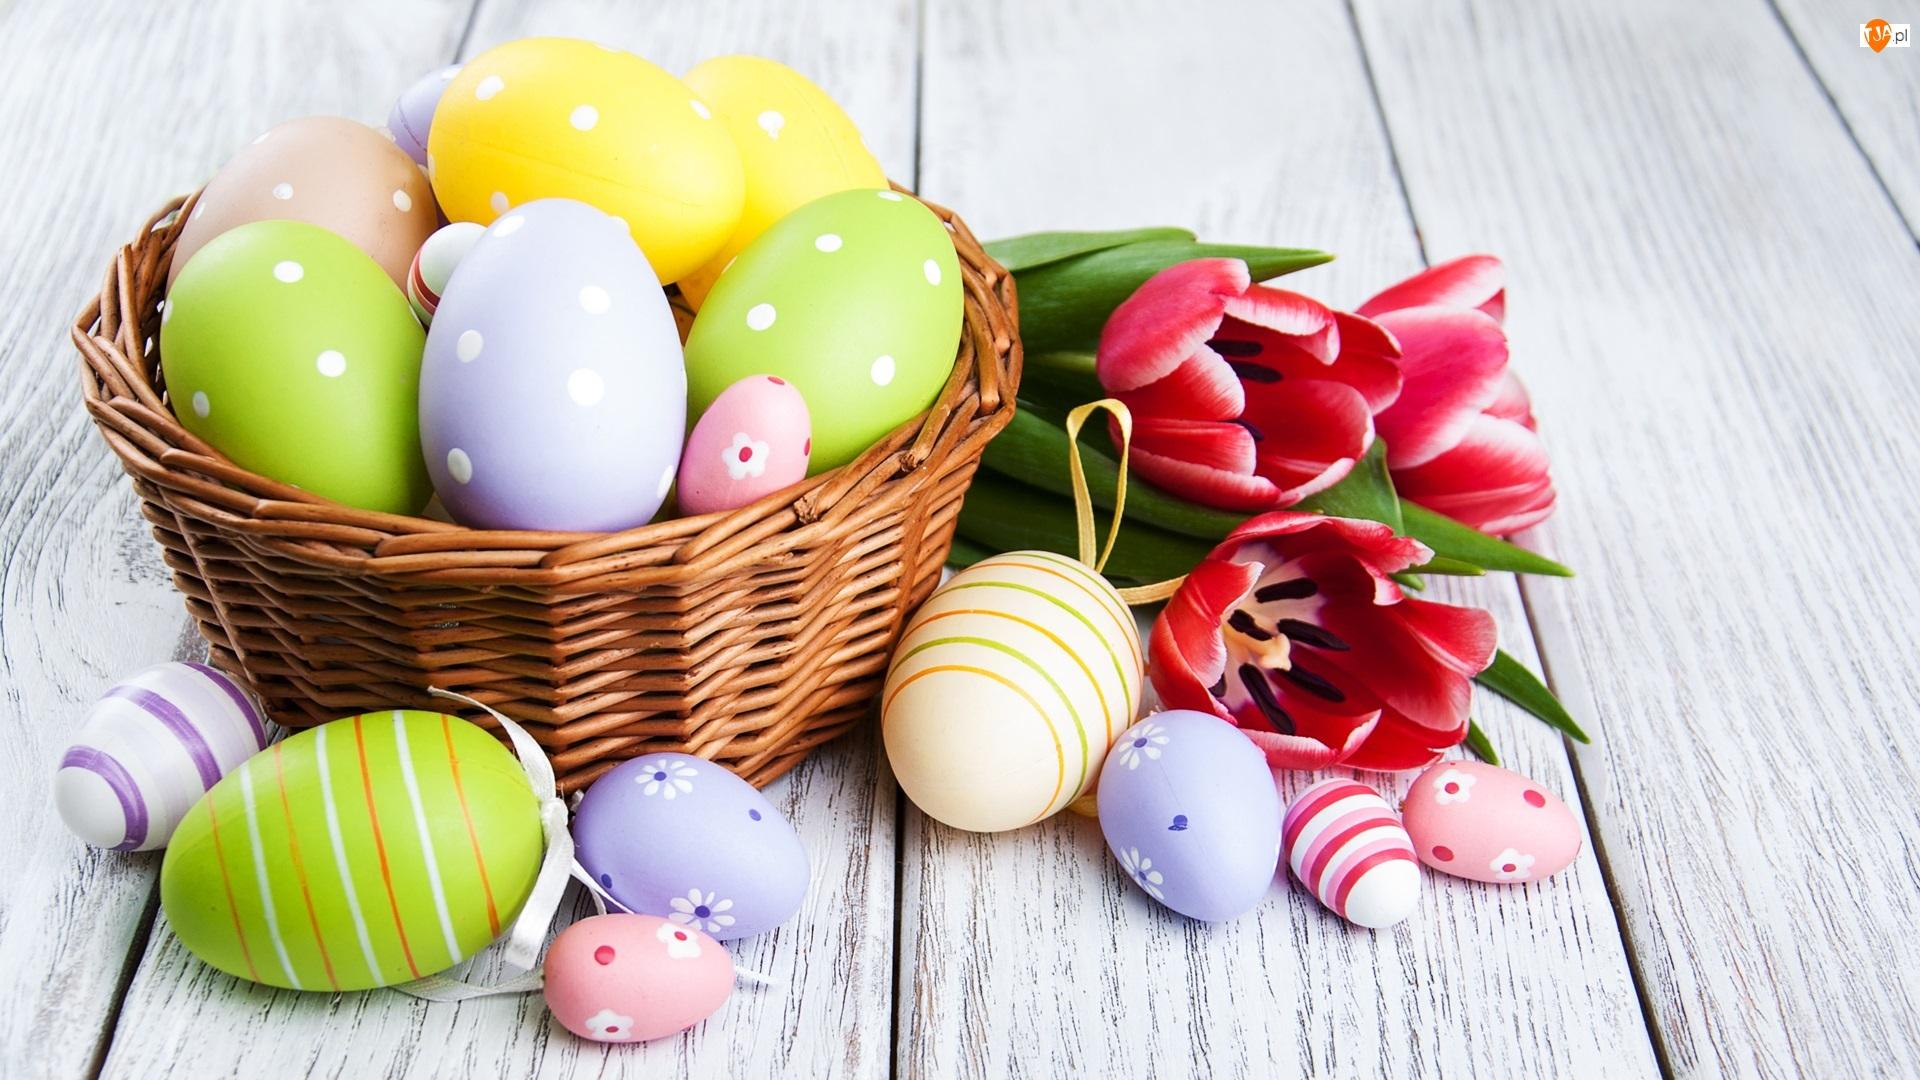 Kolorowe, Pisanki, Deski, Wielkanoc, Tulipany, Czerwone, Koszyk